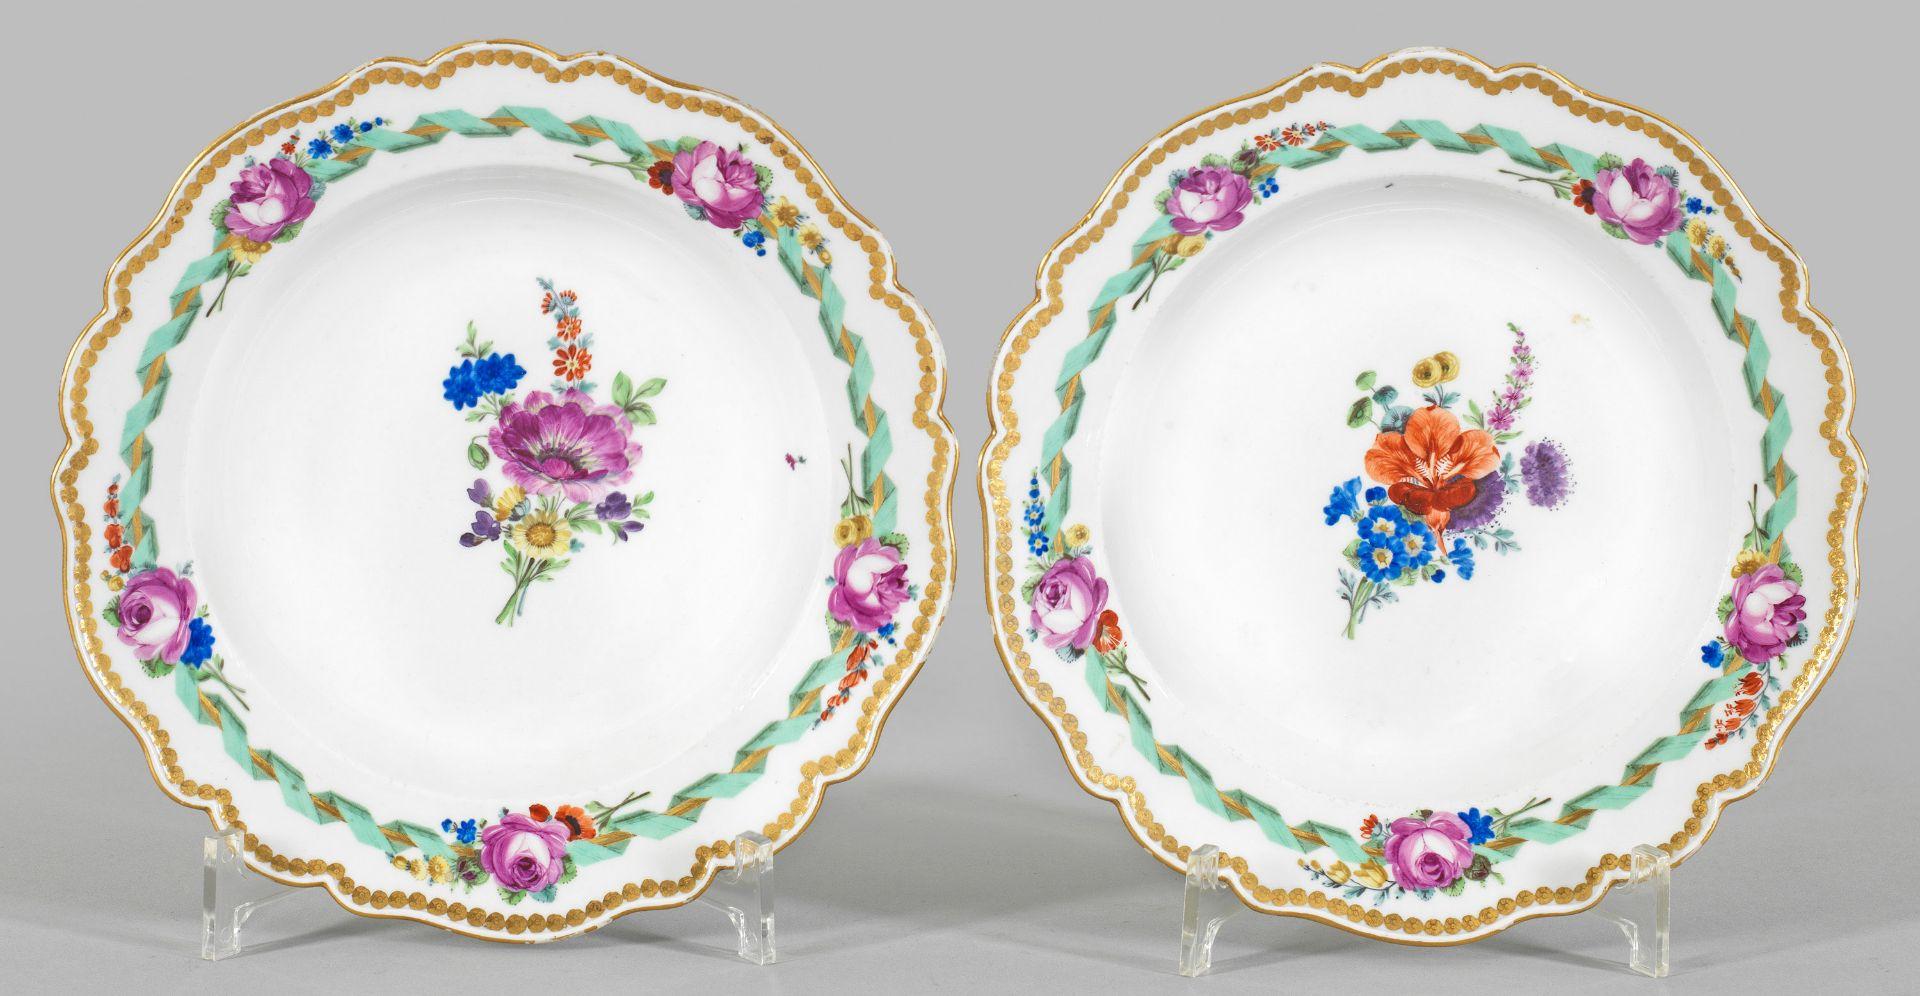 Paar Zierteller mit Blumendekor - Bild 2 aus 2